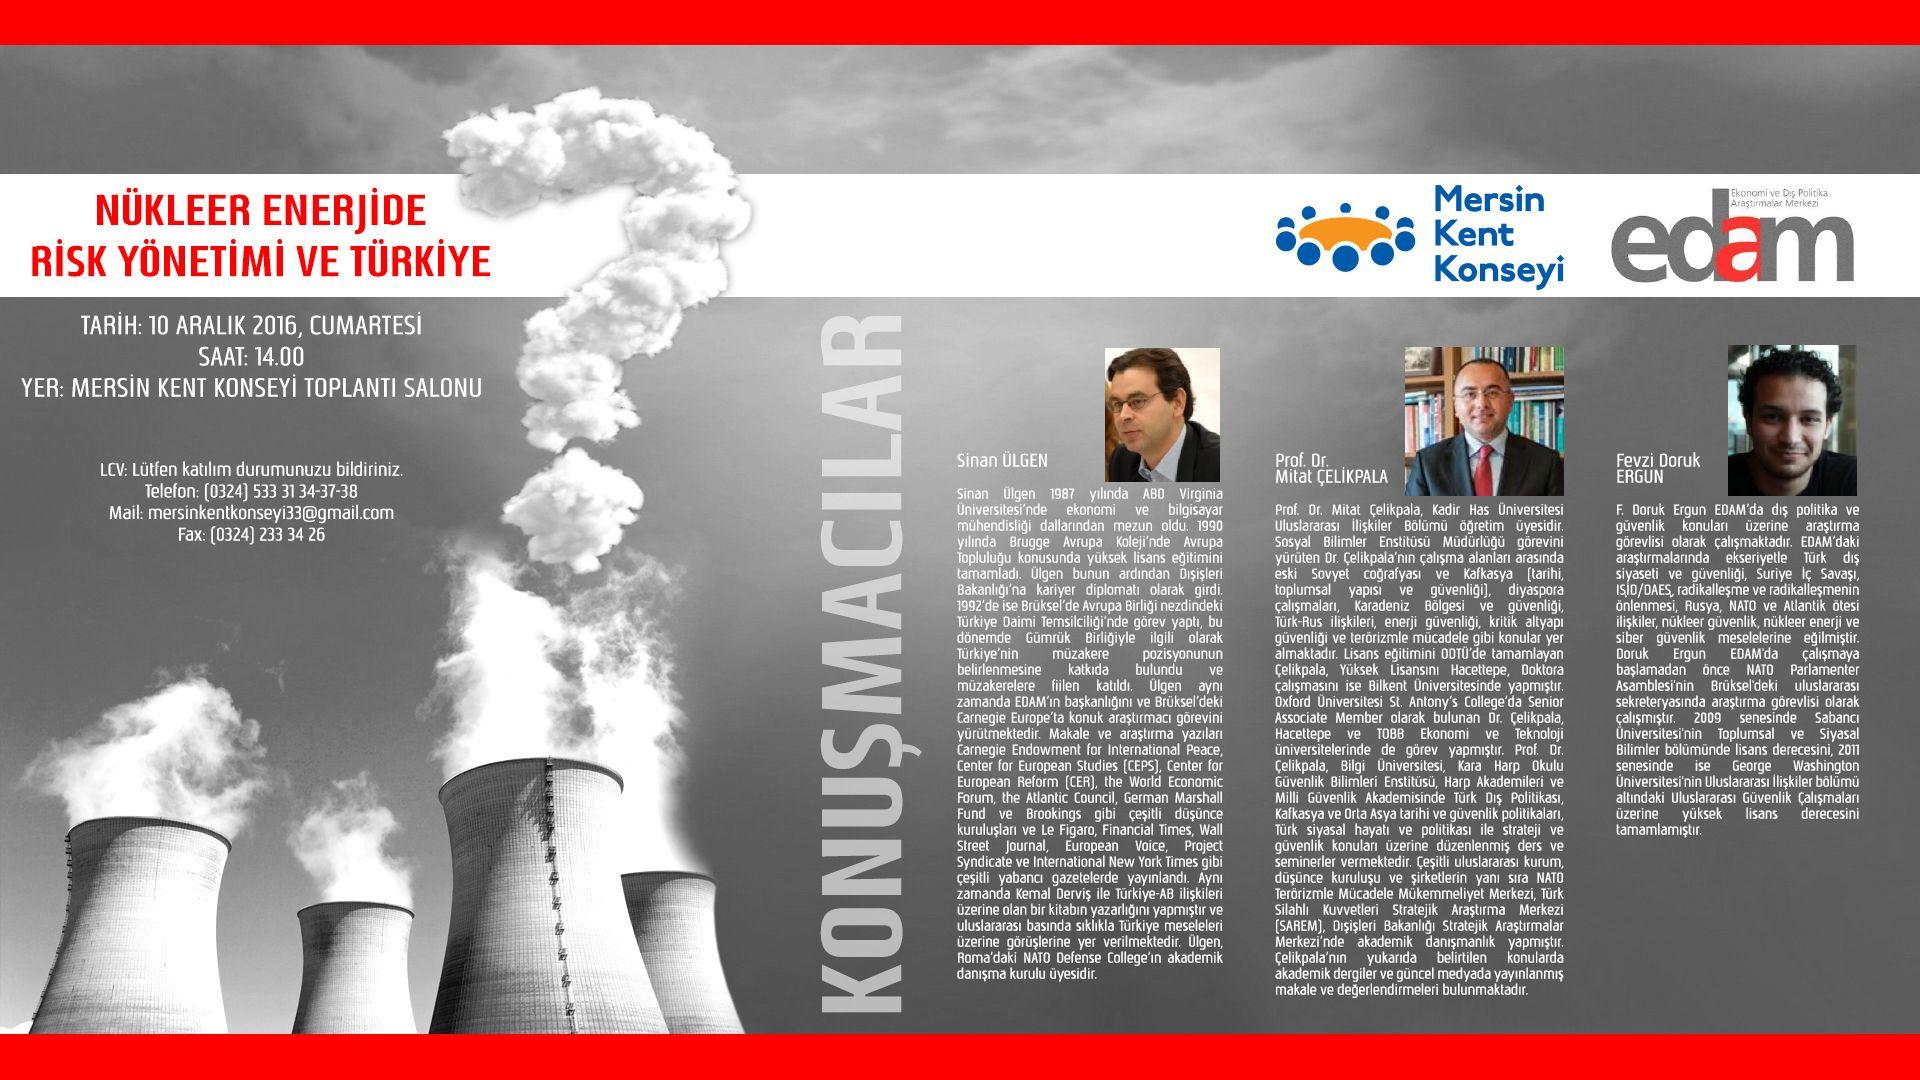 Nükleer Enerjide Risk Yönetimi ve Türkiye